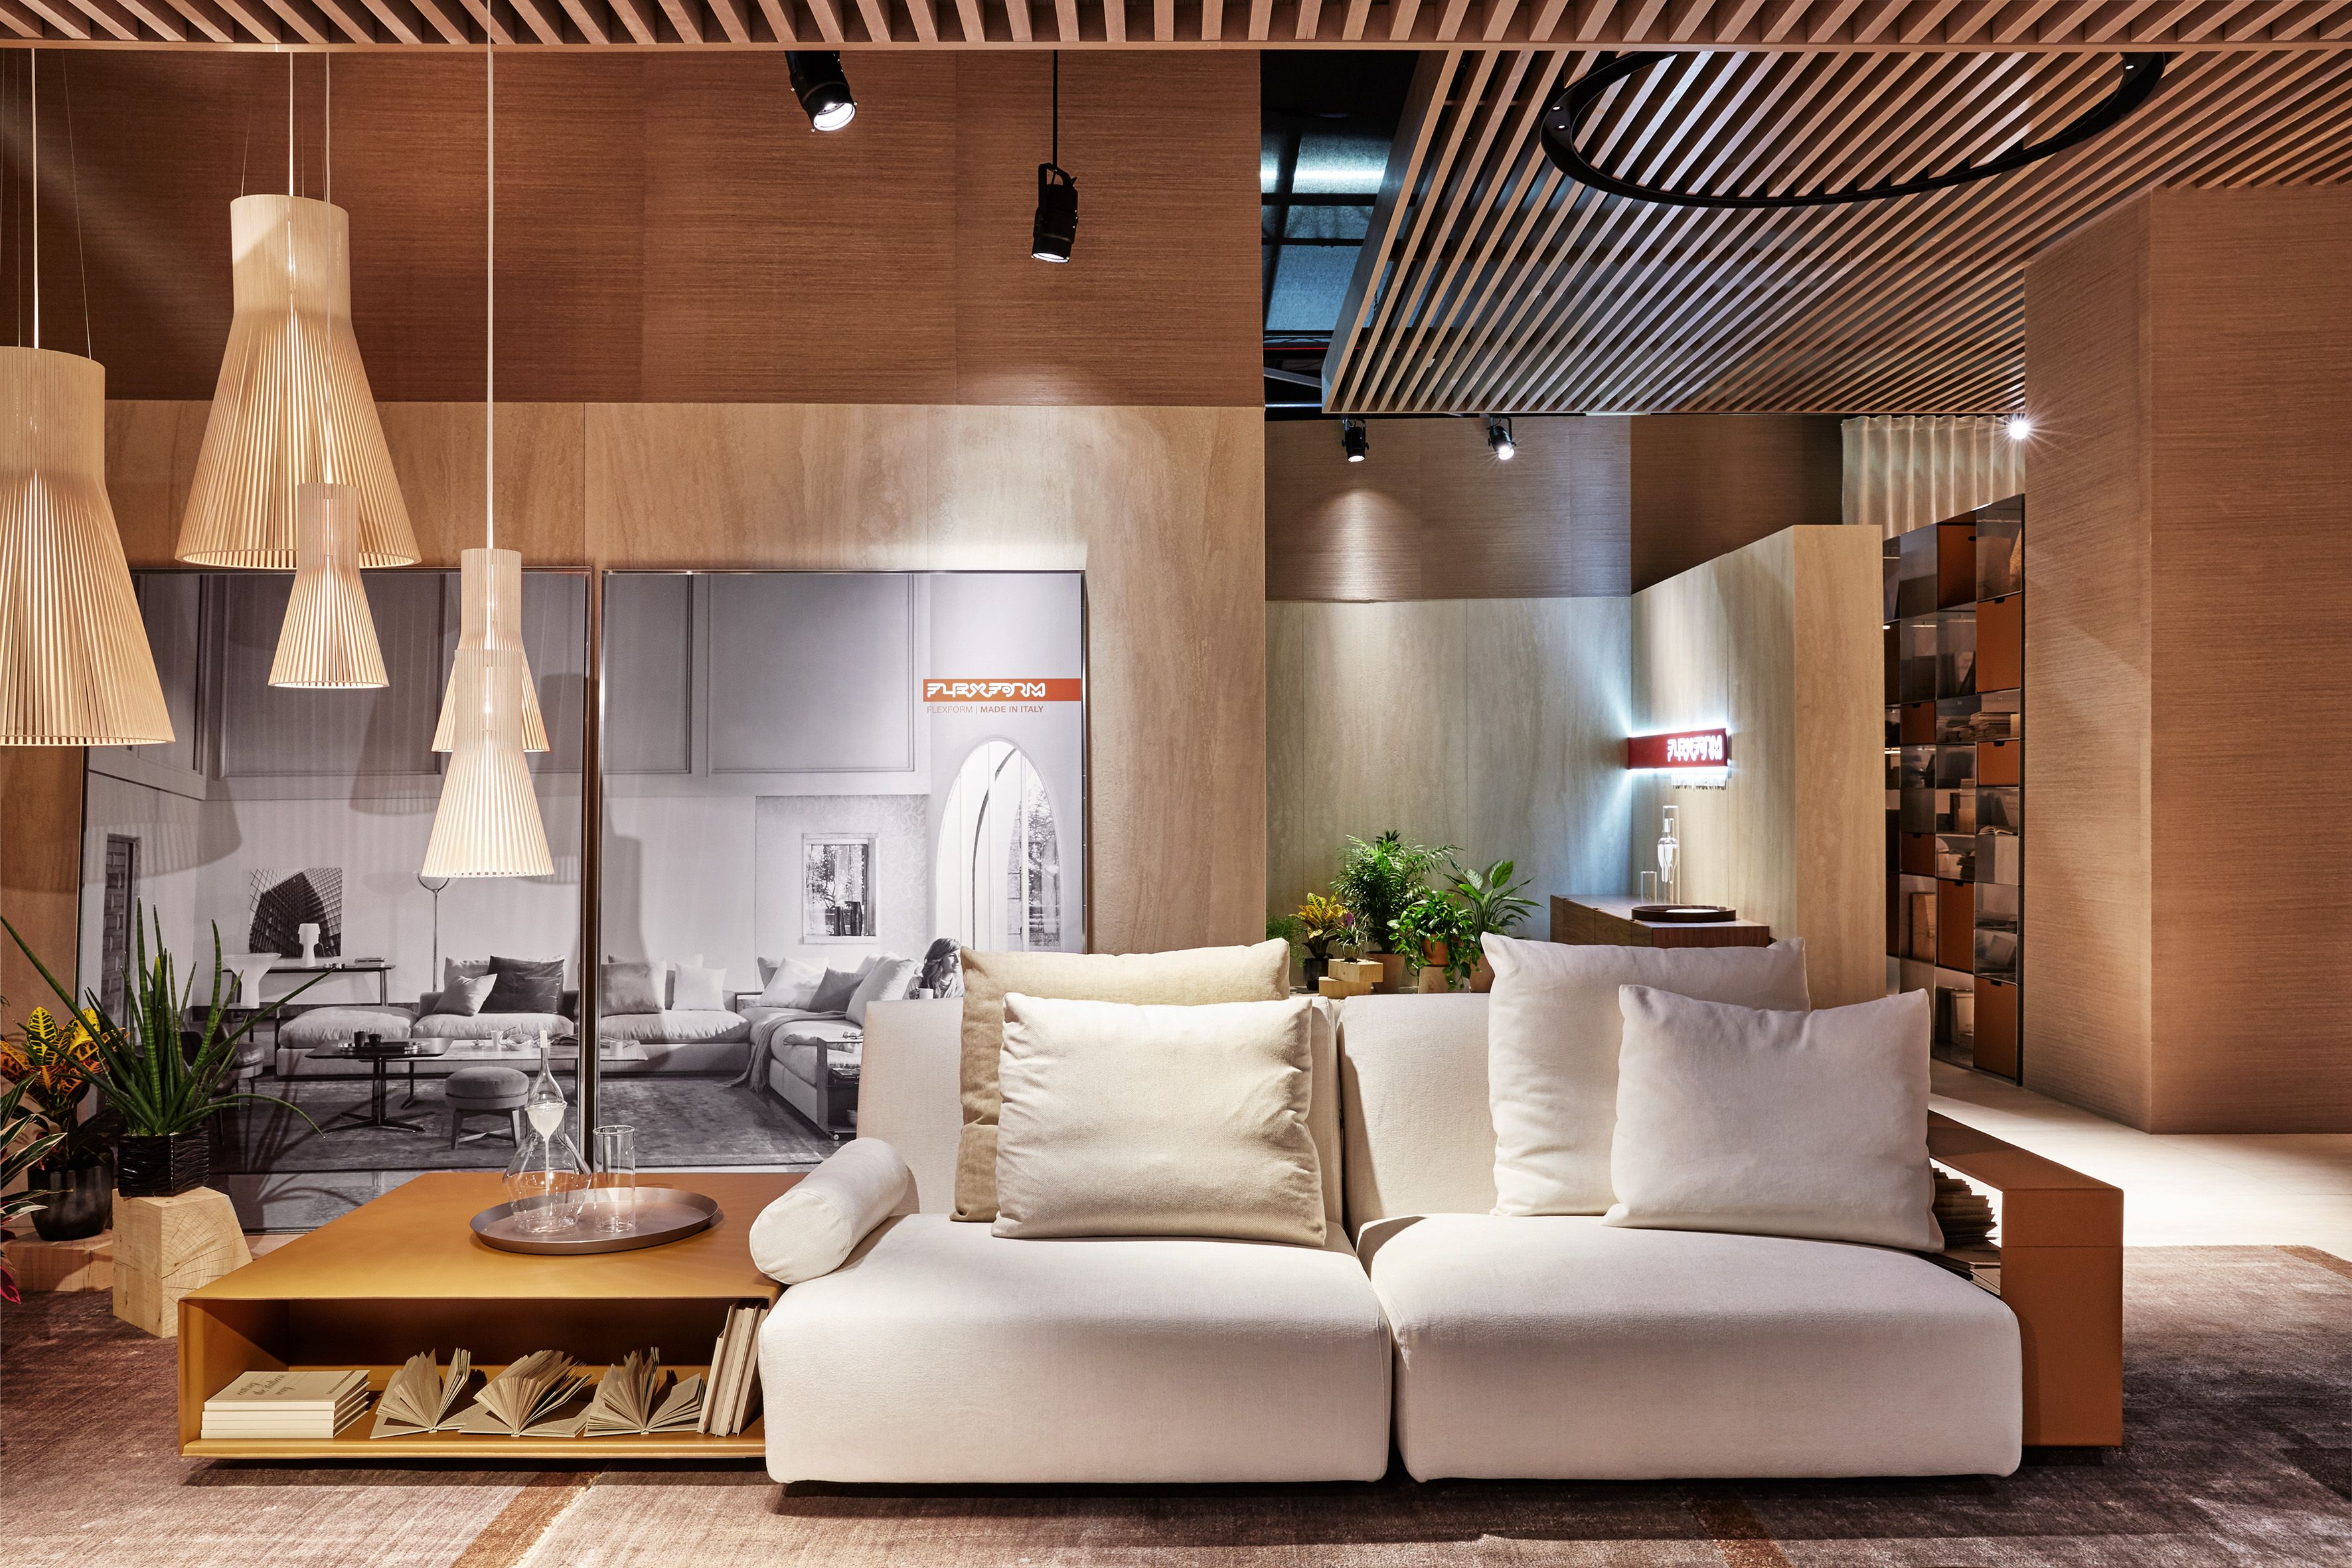 Flexform New Lario Sofa Design Antonio Citterio Flexform Sofa Design Showroom Design